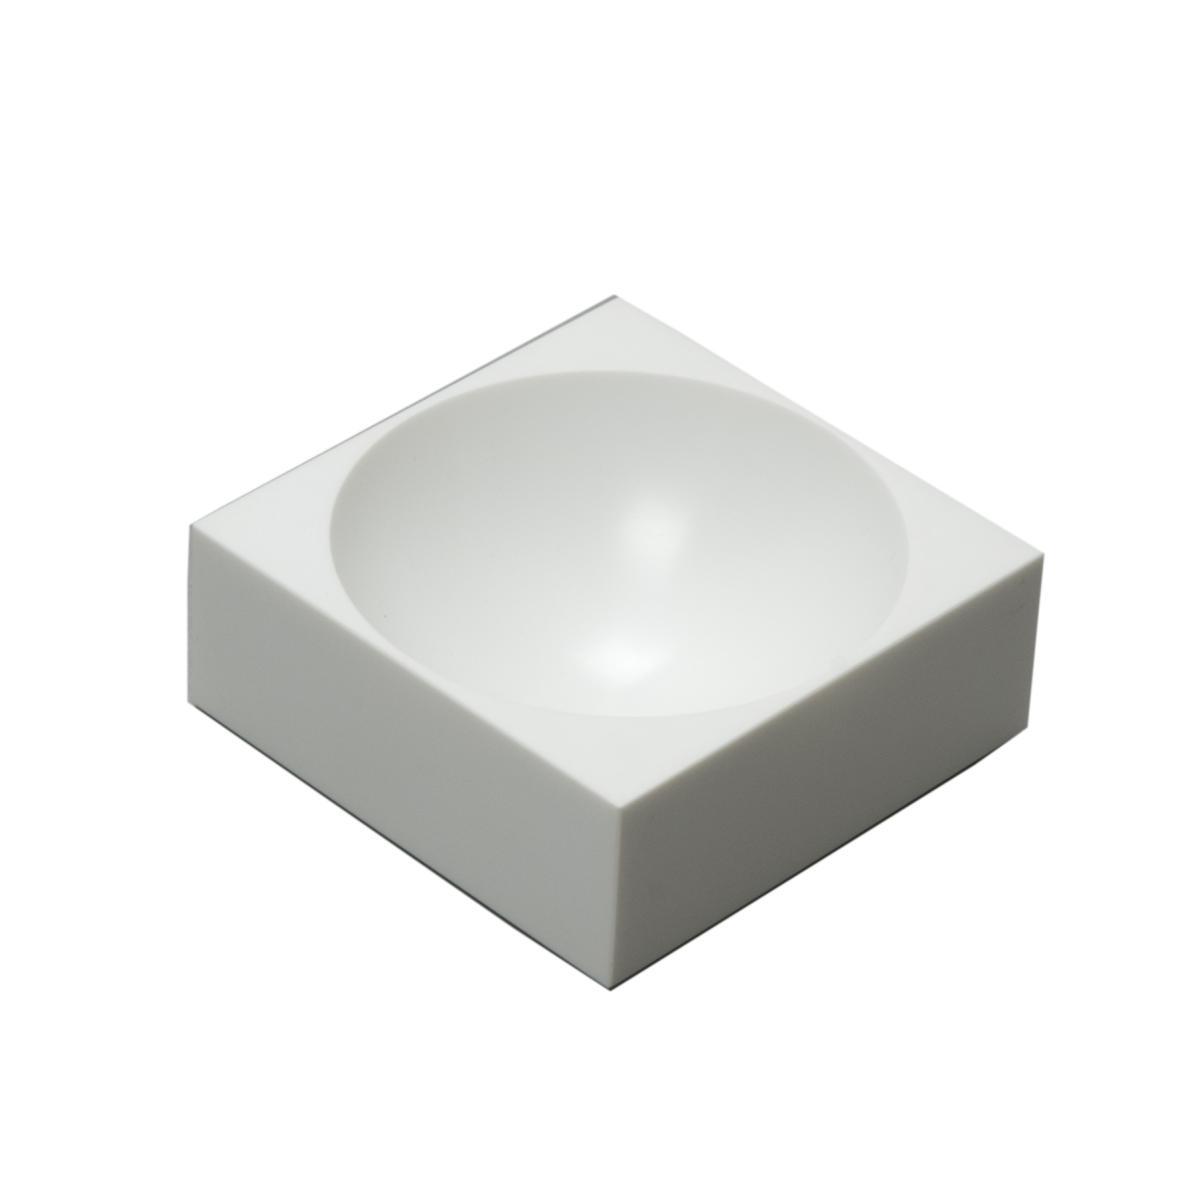 farmer block Magnet-Schale 8 x 8 cm, Caltrava weiß